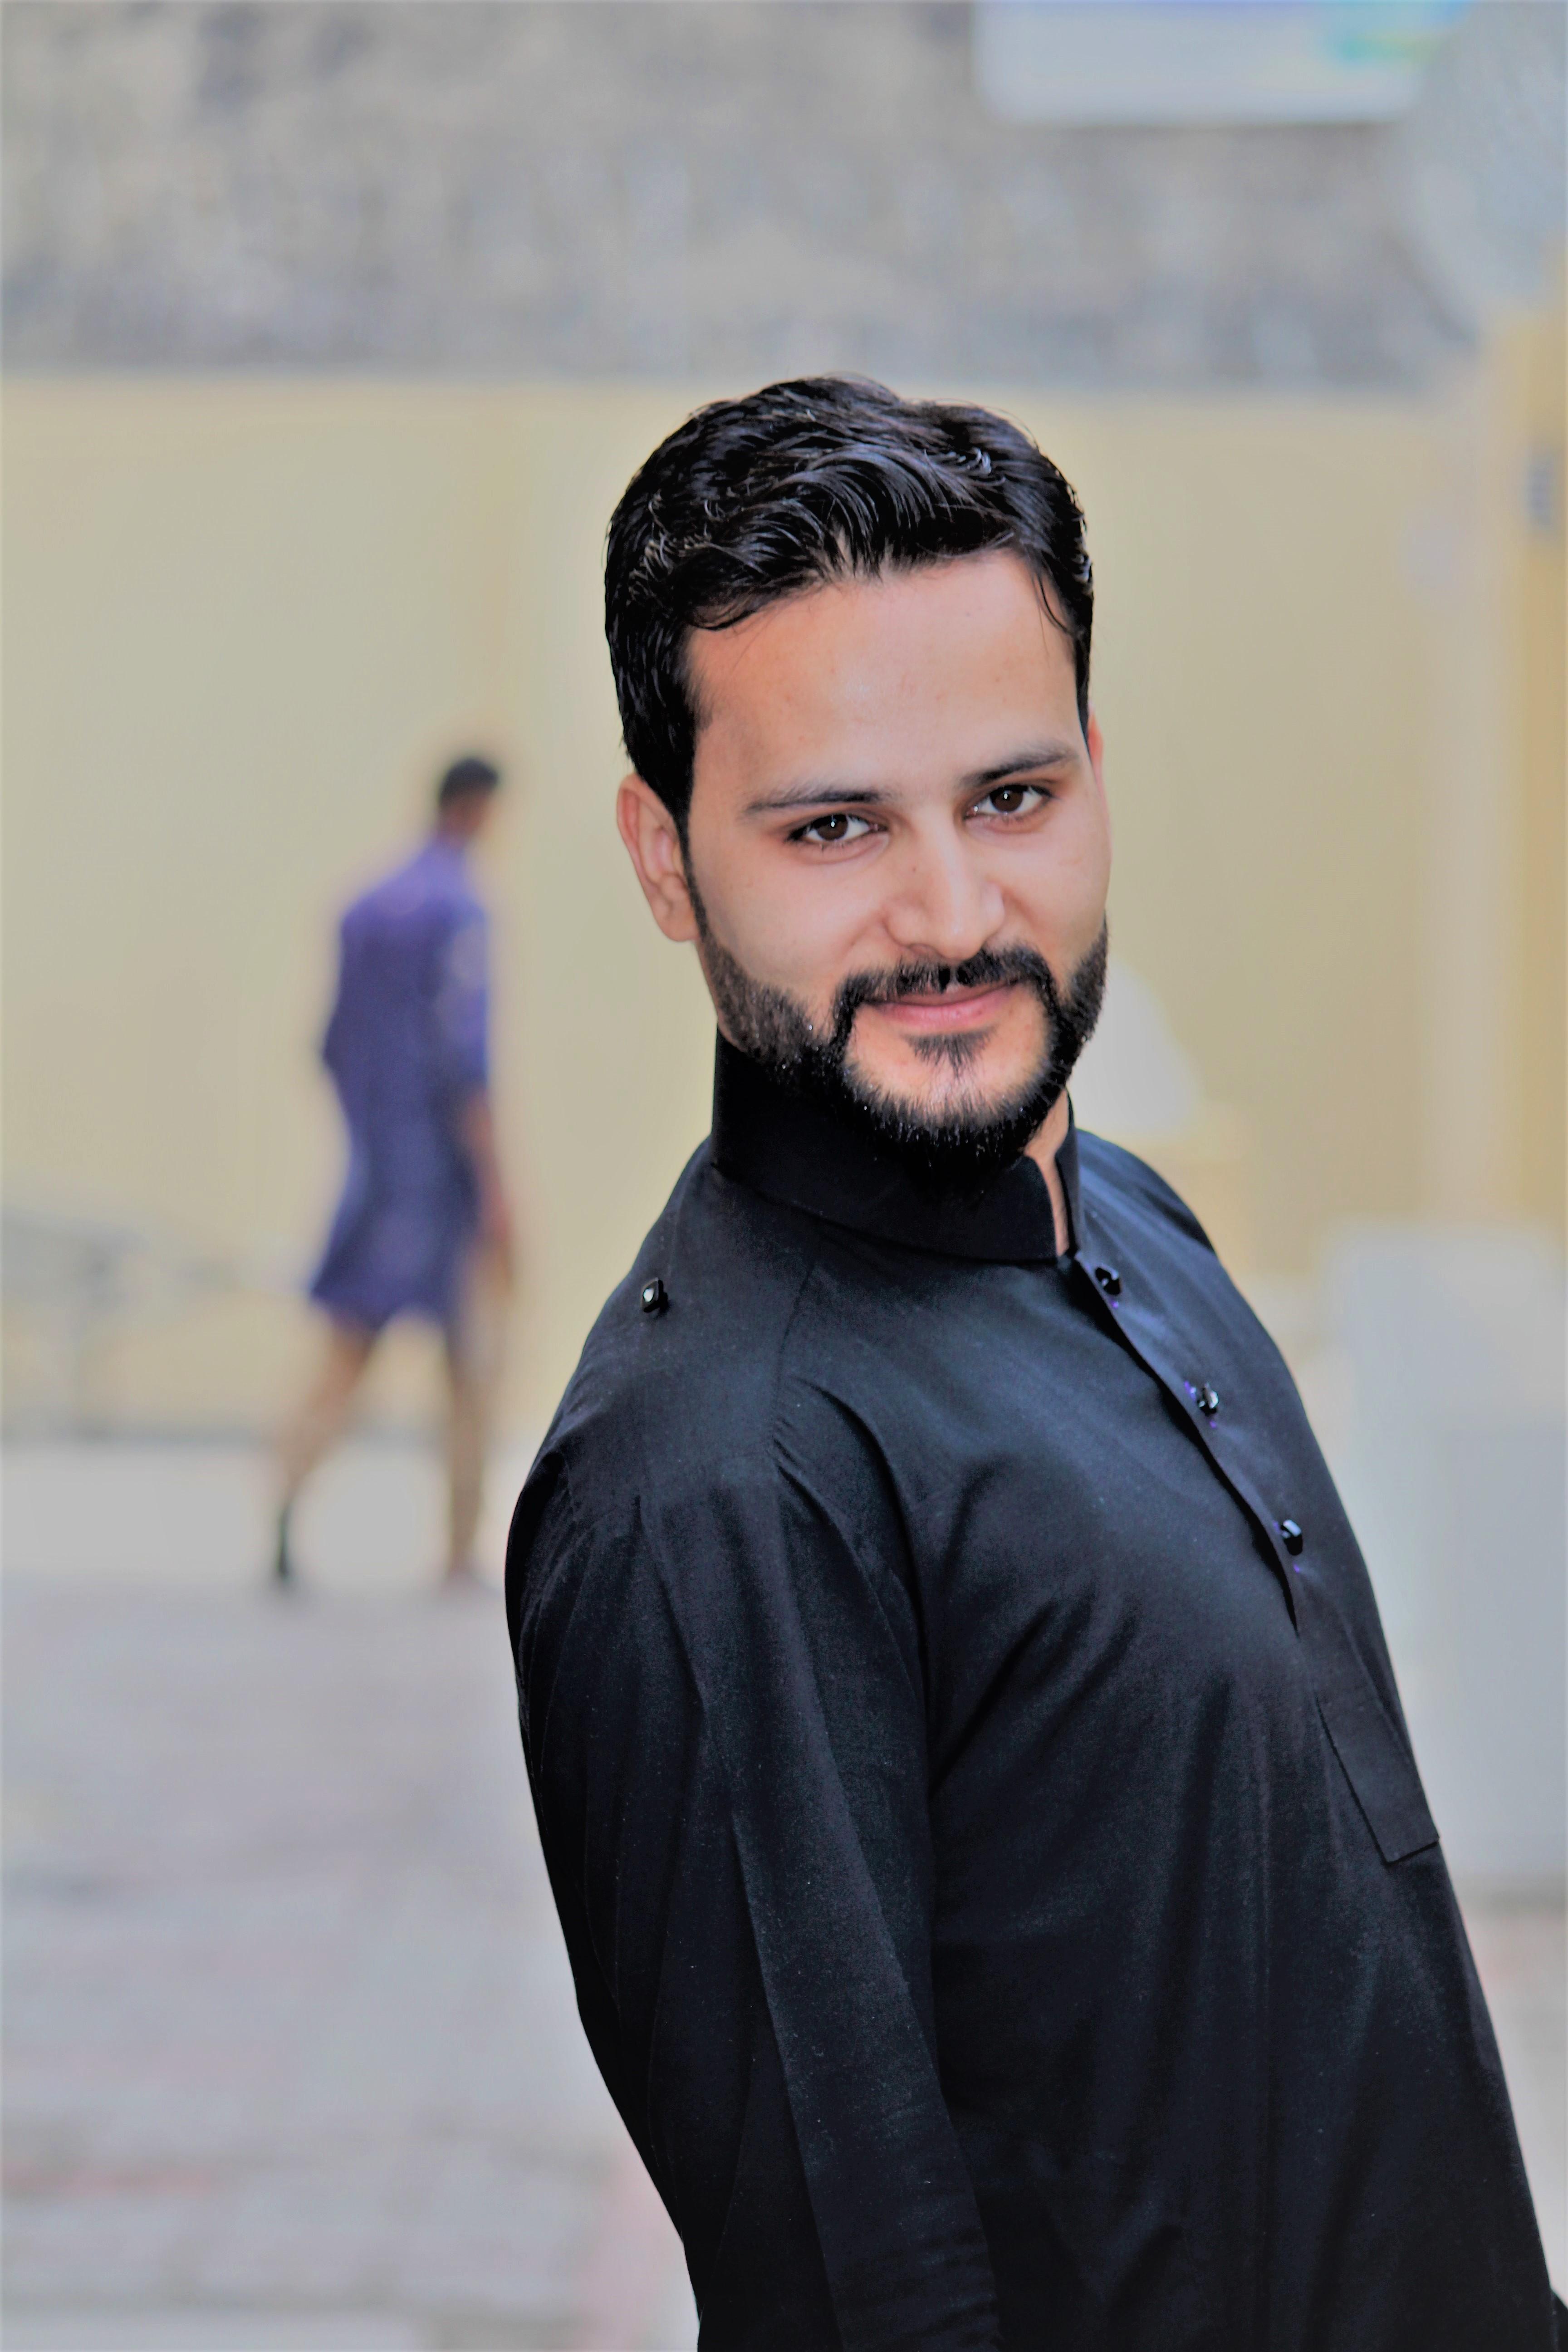 Imran267